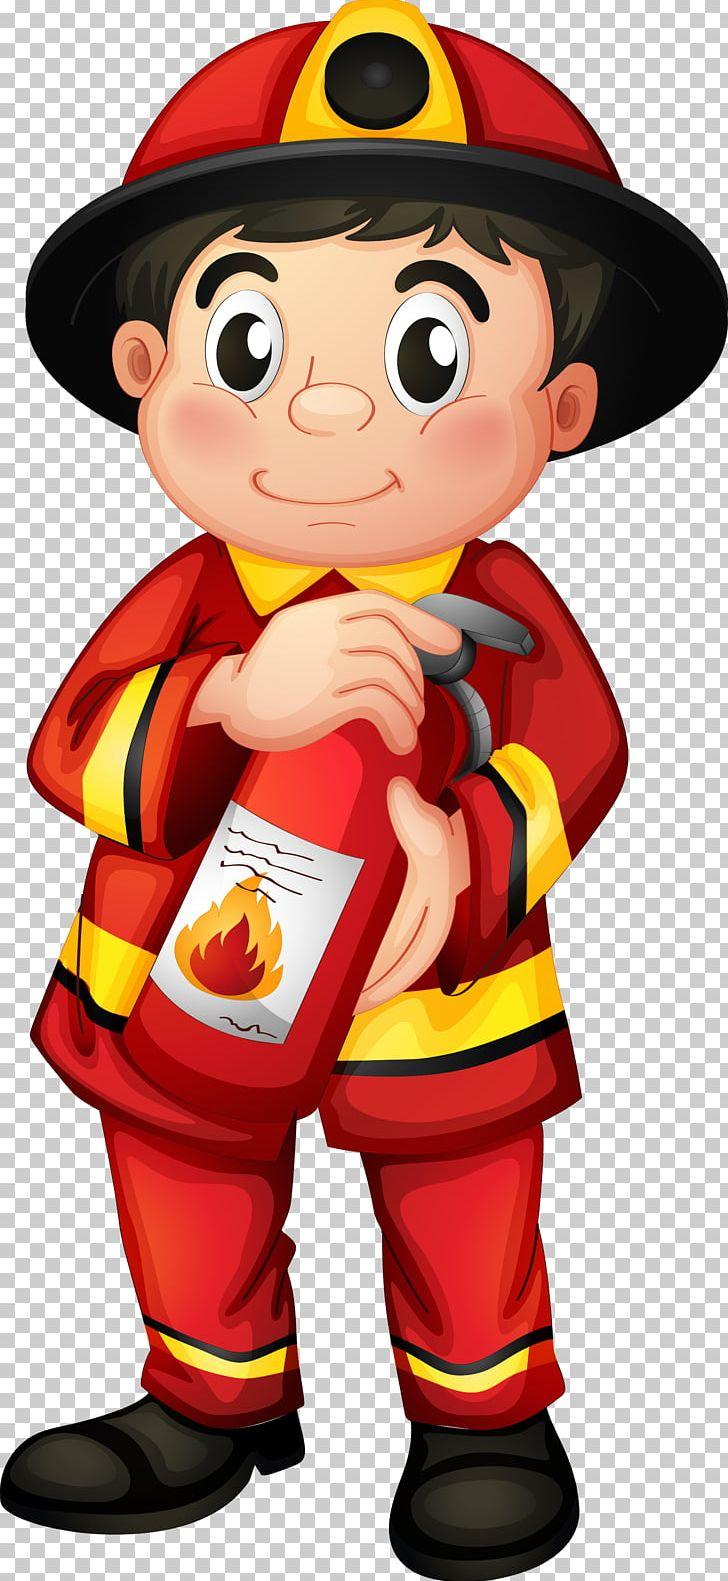 medium resolution of fire department fire station firefighter fire engine png clipart art boy cartoon clip art fictional character